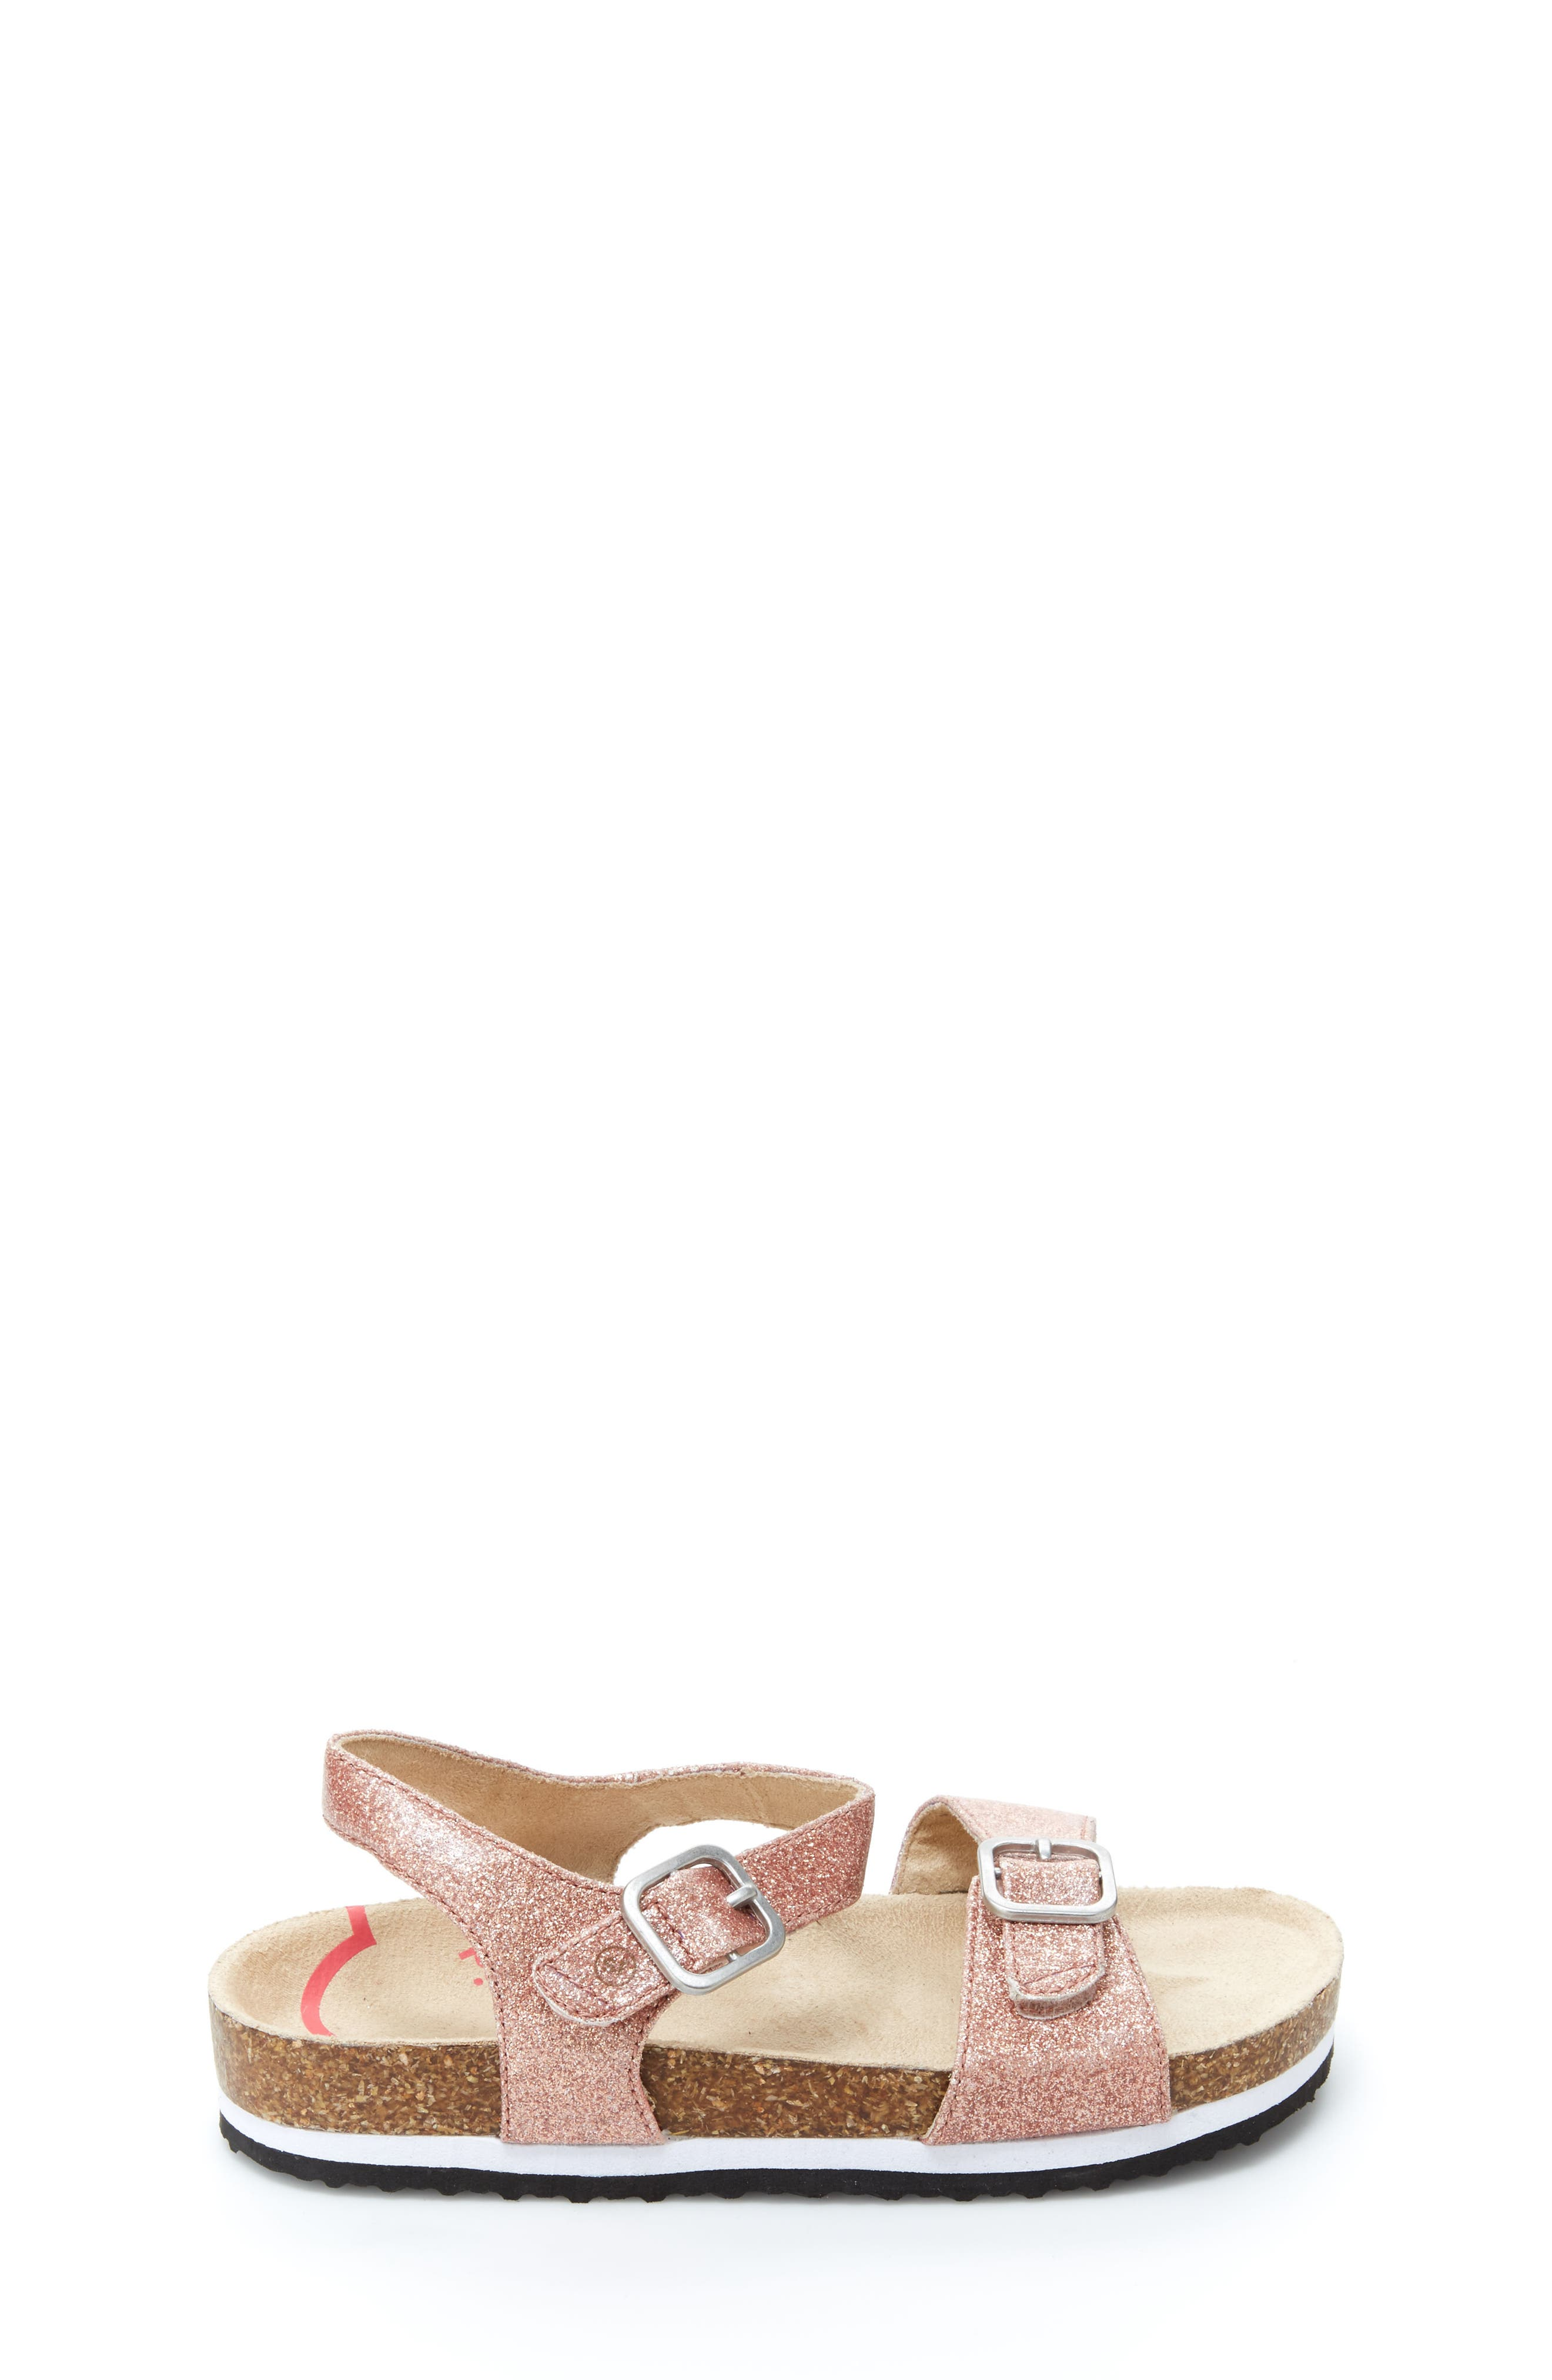 Zuly Glitter Sandal,                             Alternate thumbnail 2, color,                             ROSE GOLD